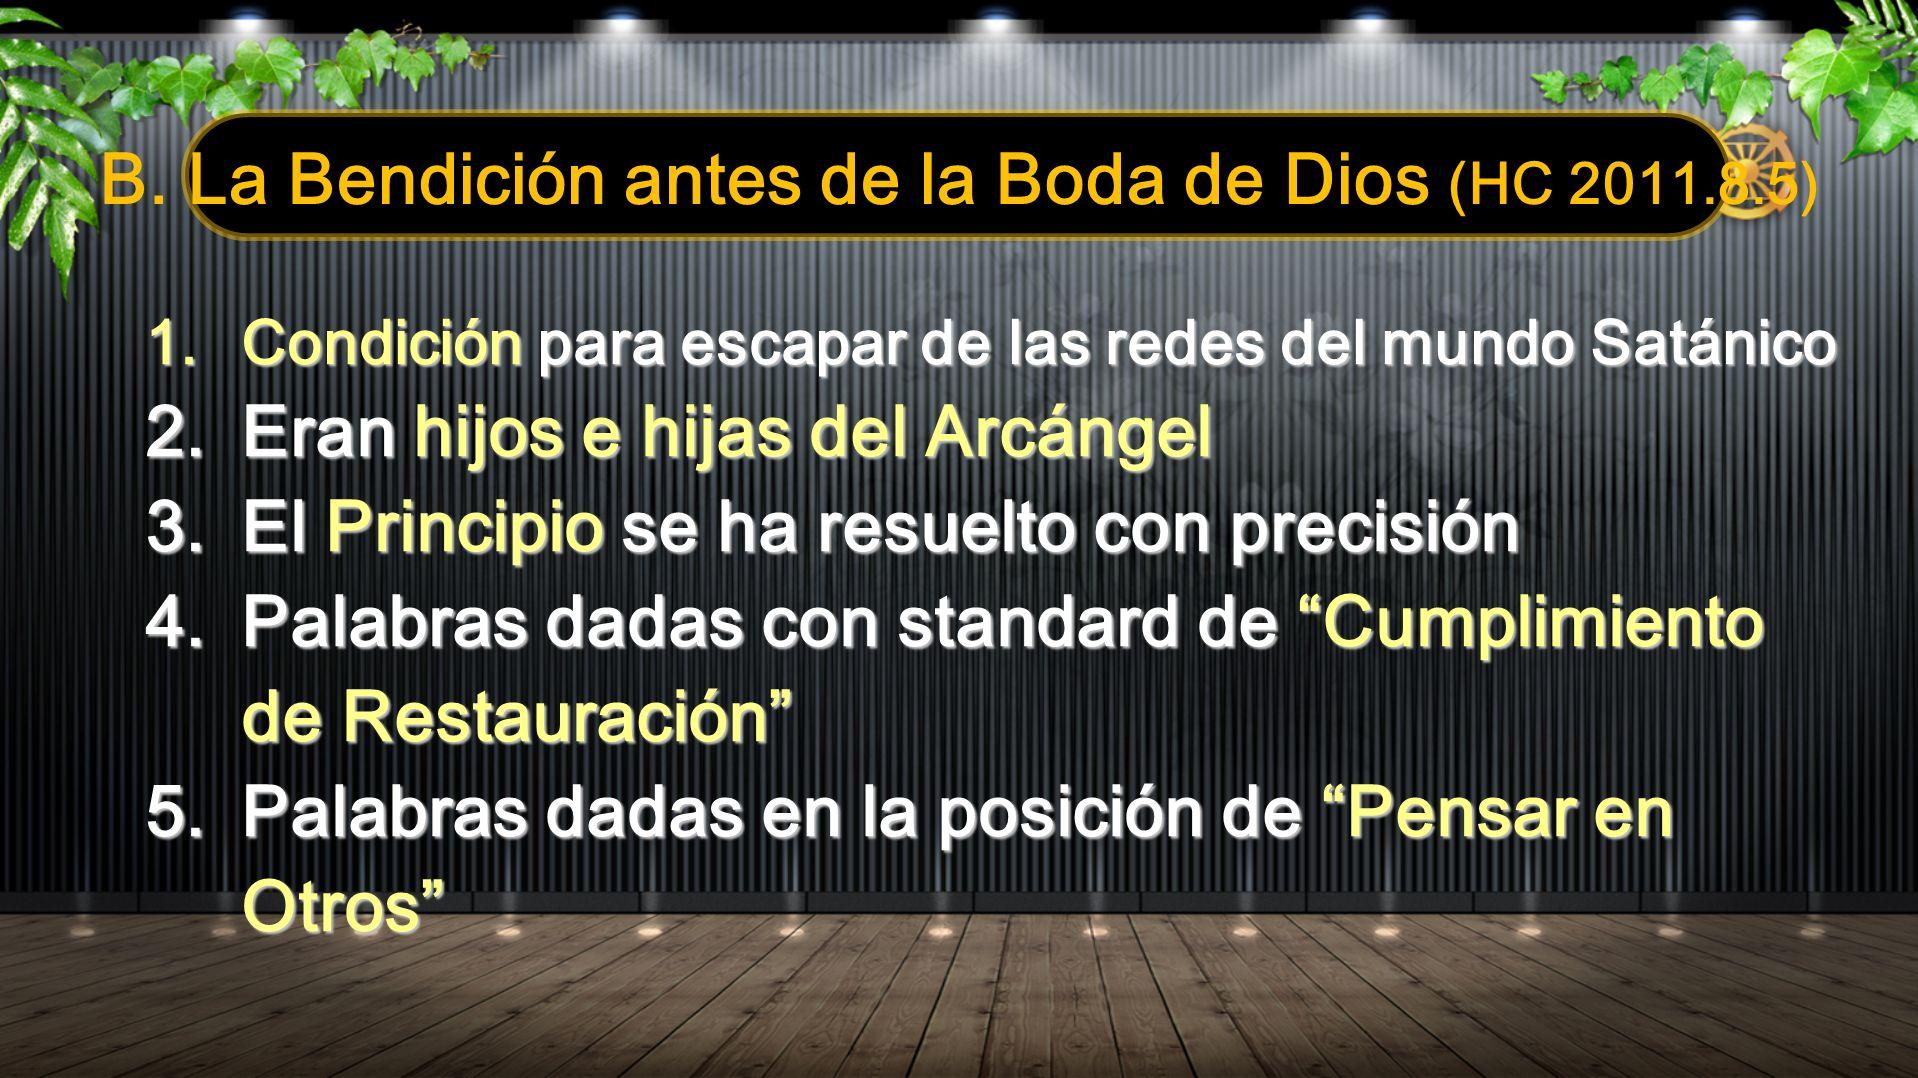 B. La Bendición antes de la Boda de Dios (HC 2011.8.5)